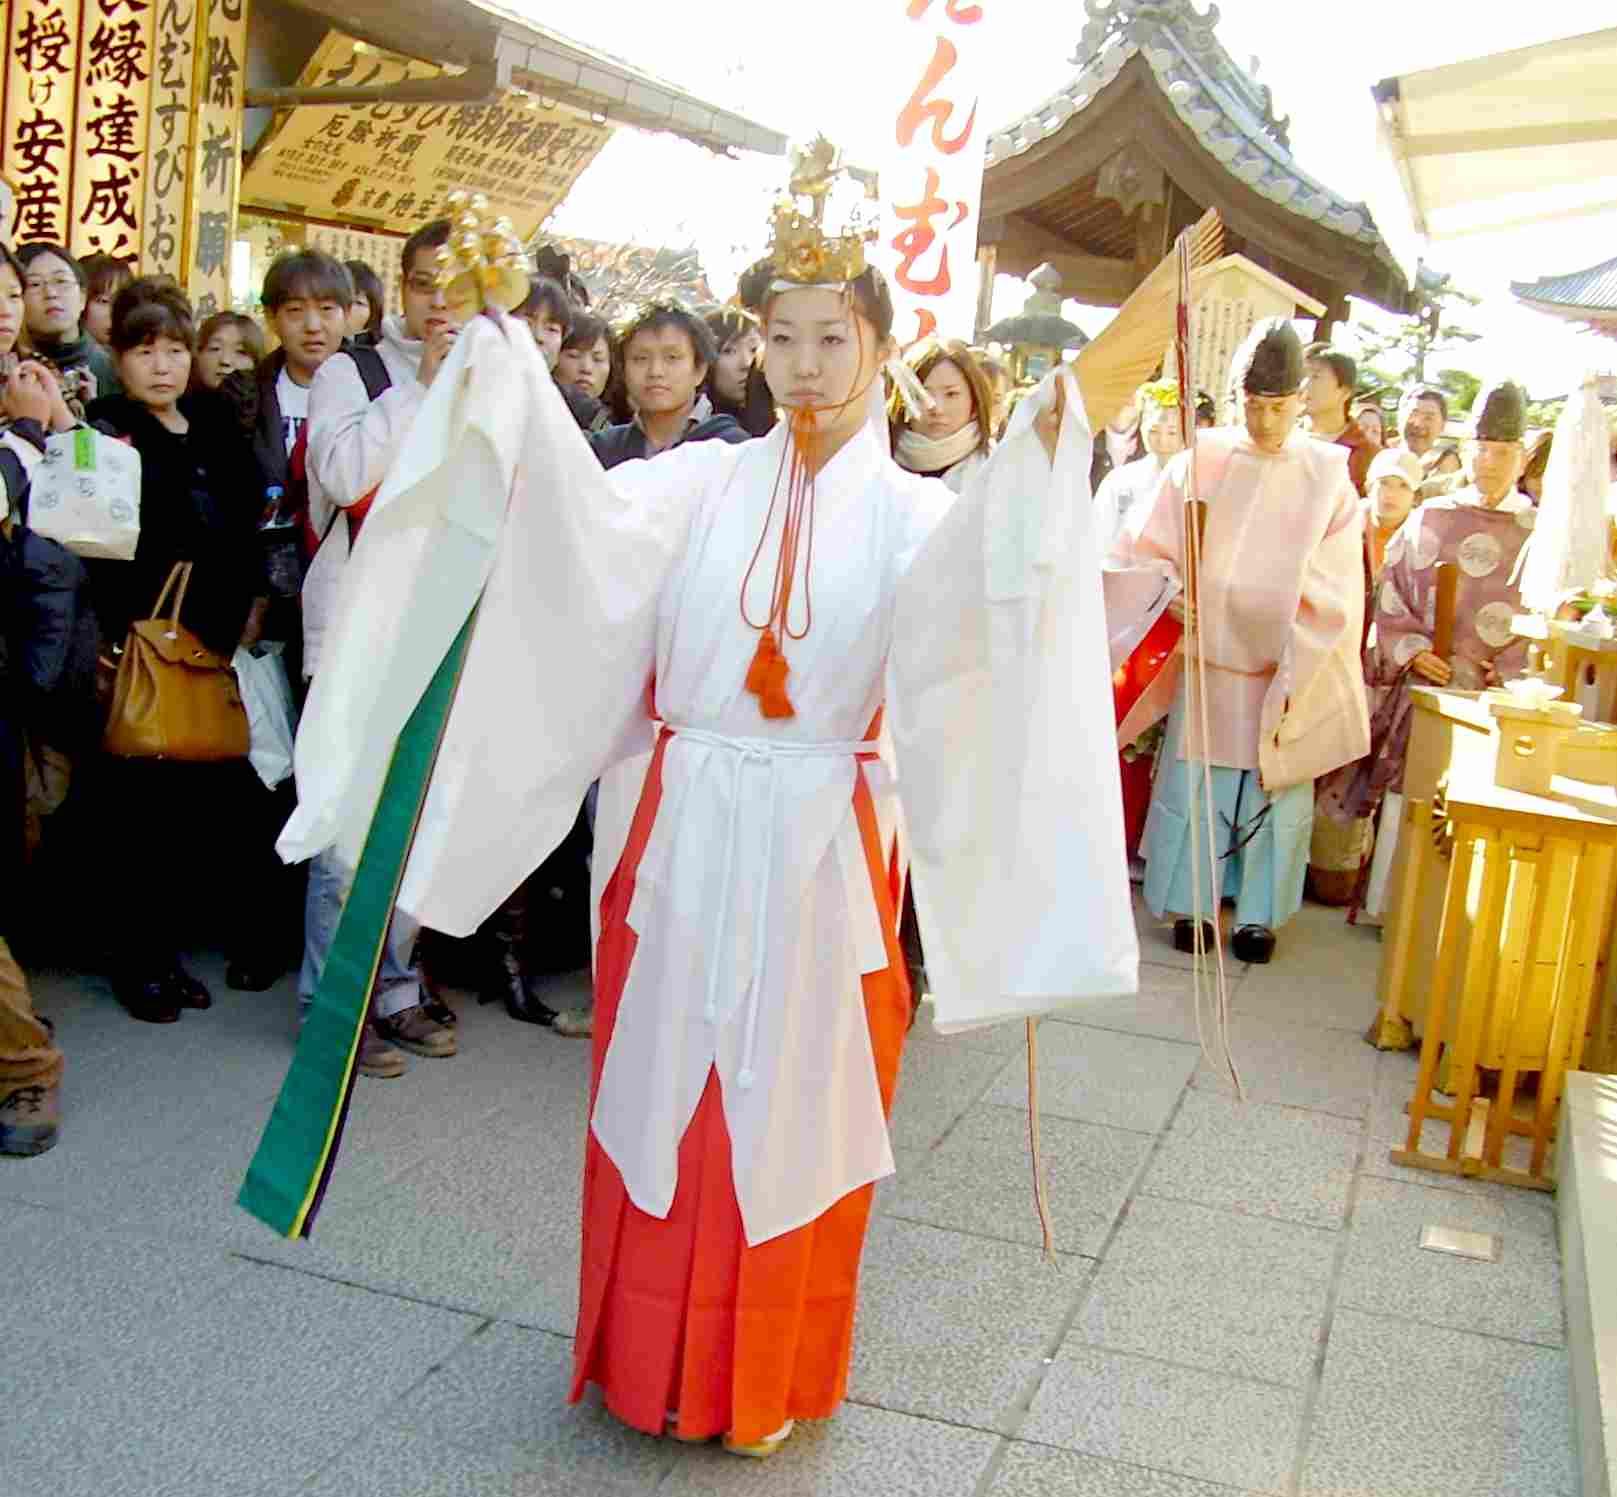 地主神社 もみじ祭り 神楽「扇の舞」